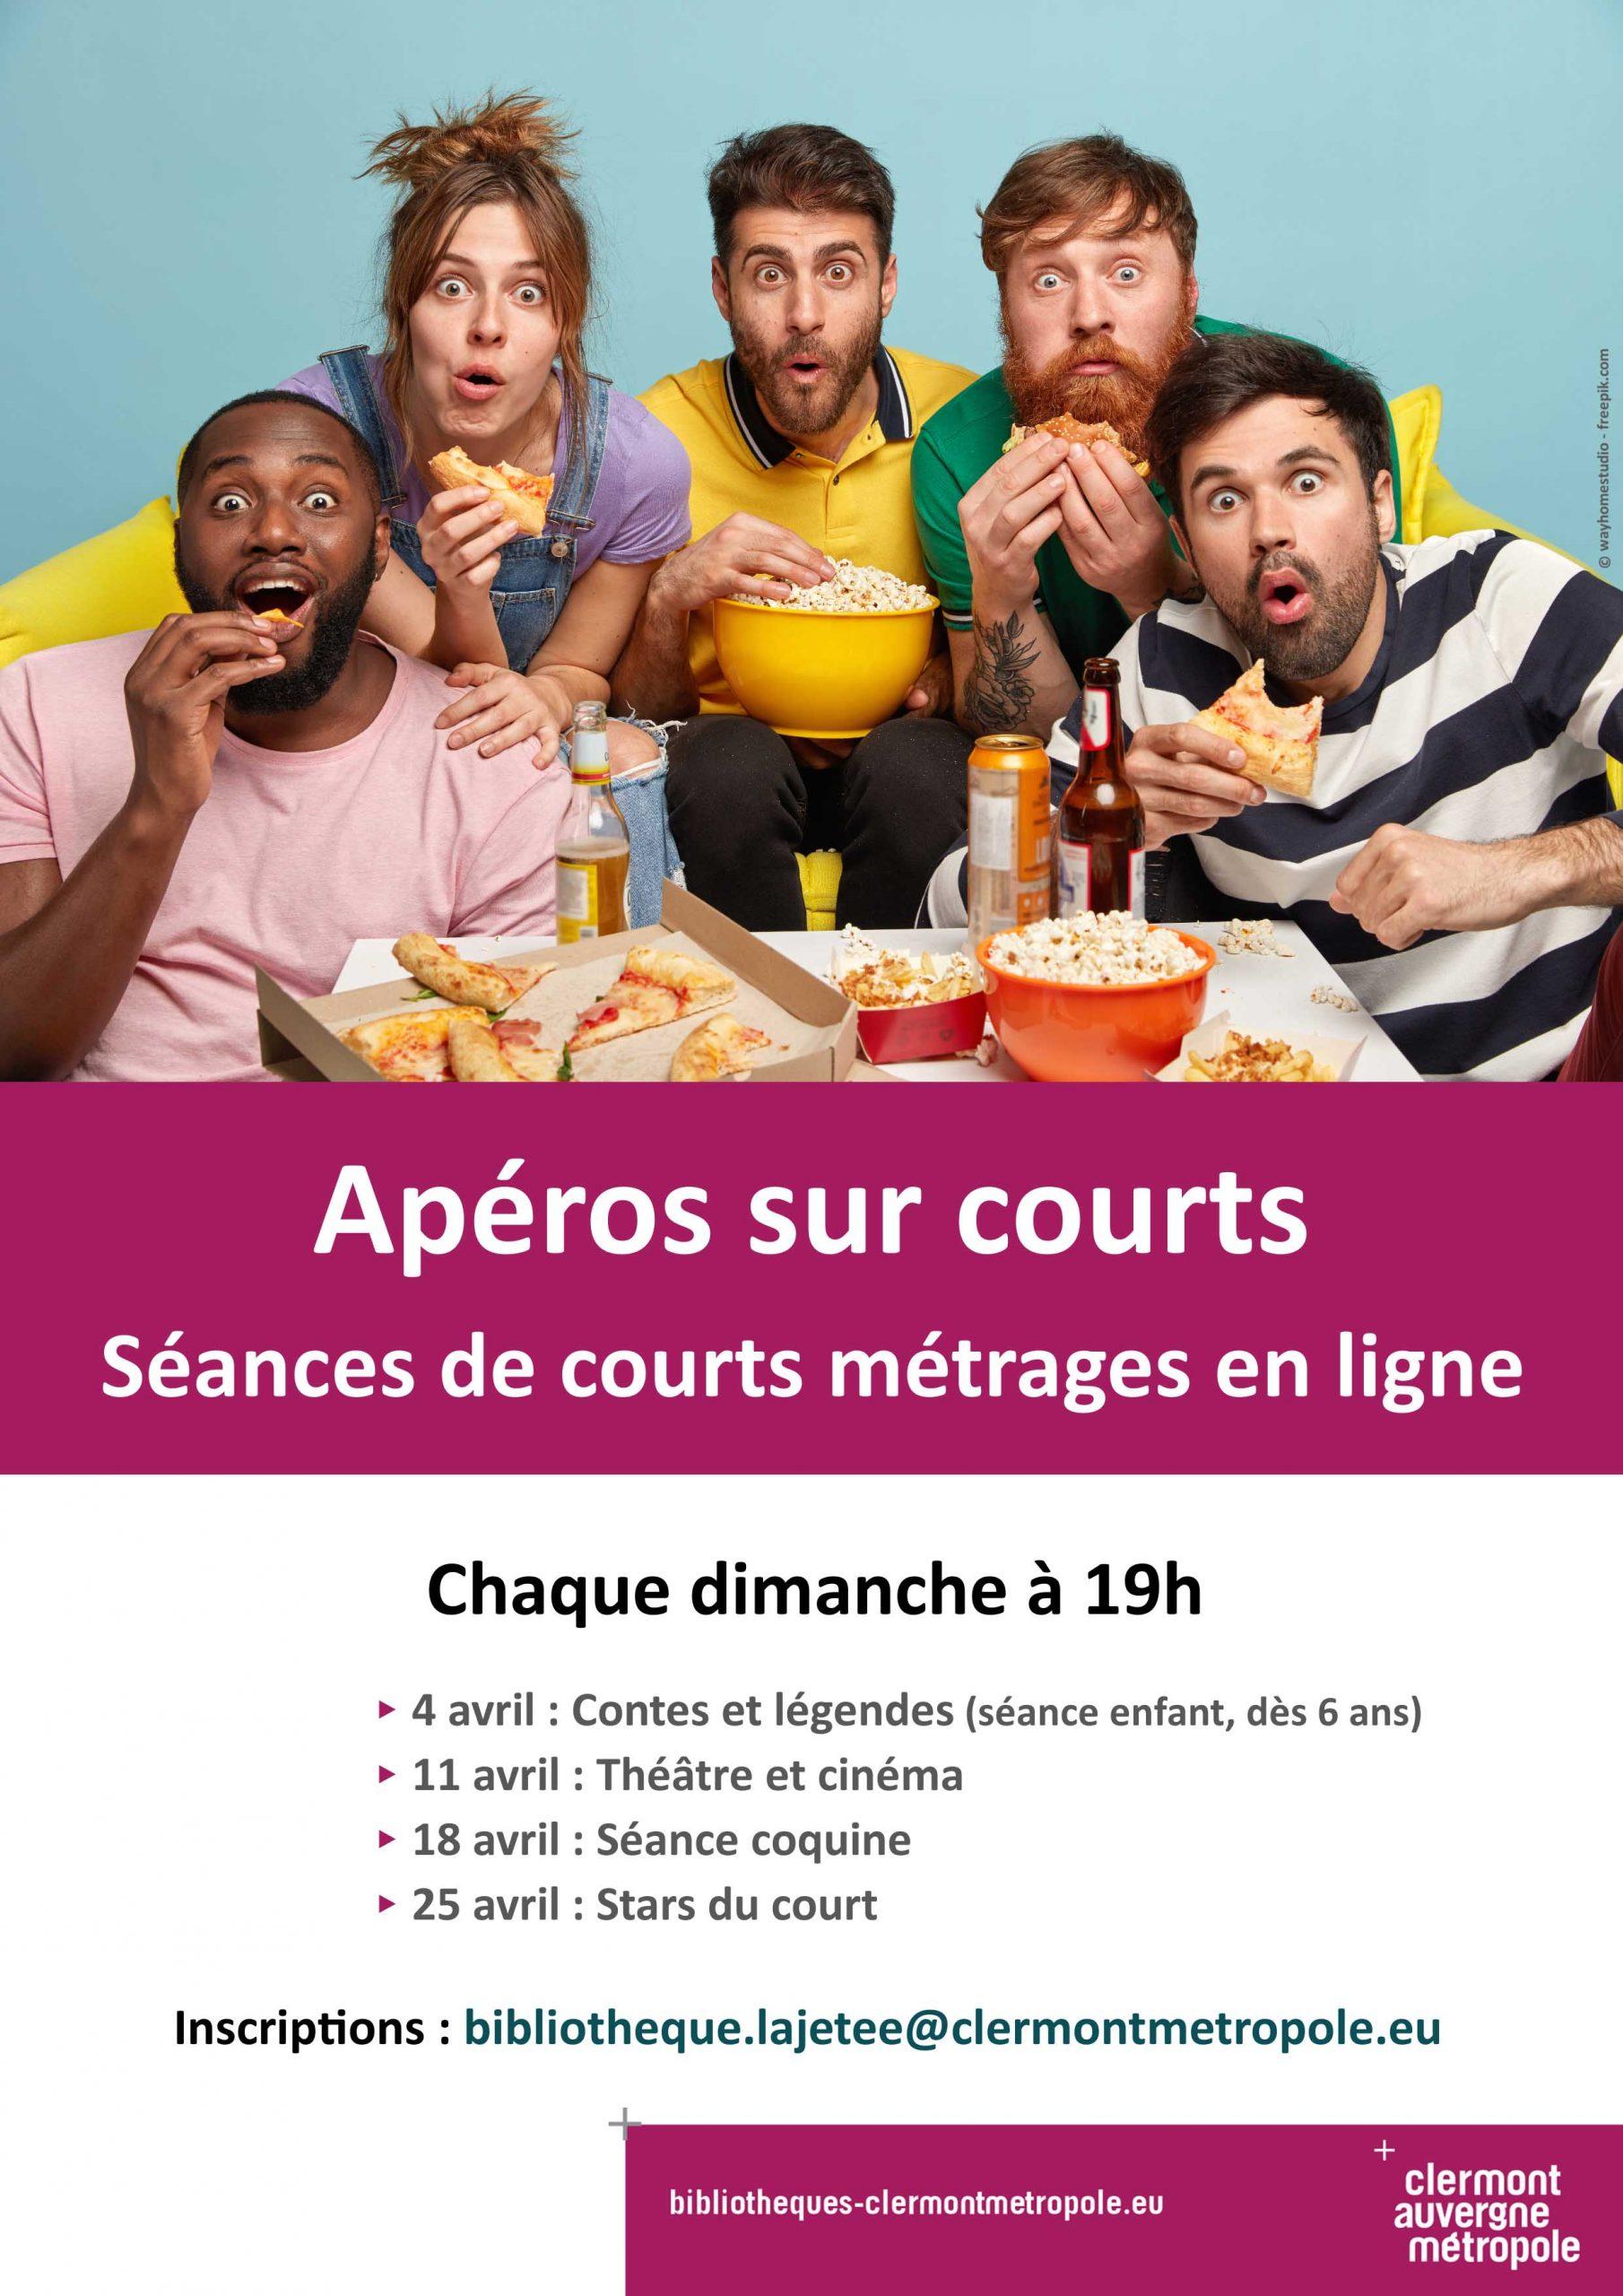 04 Aperos sur courts AFFICHE TOUT AVRIL RVB